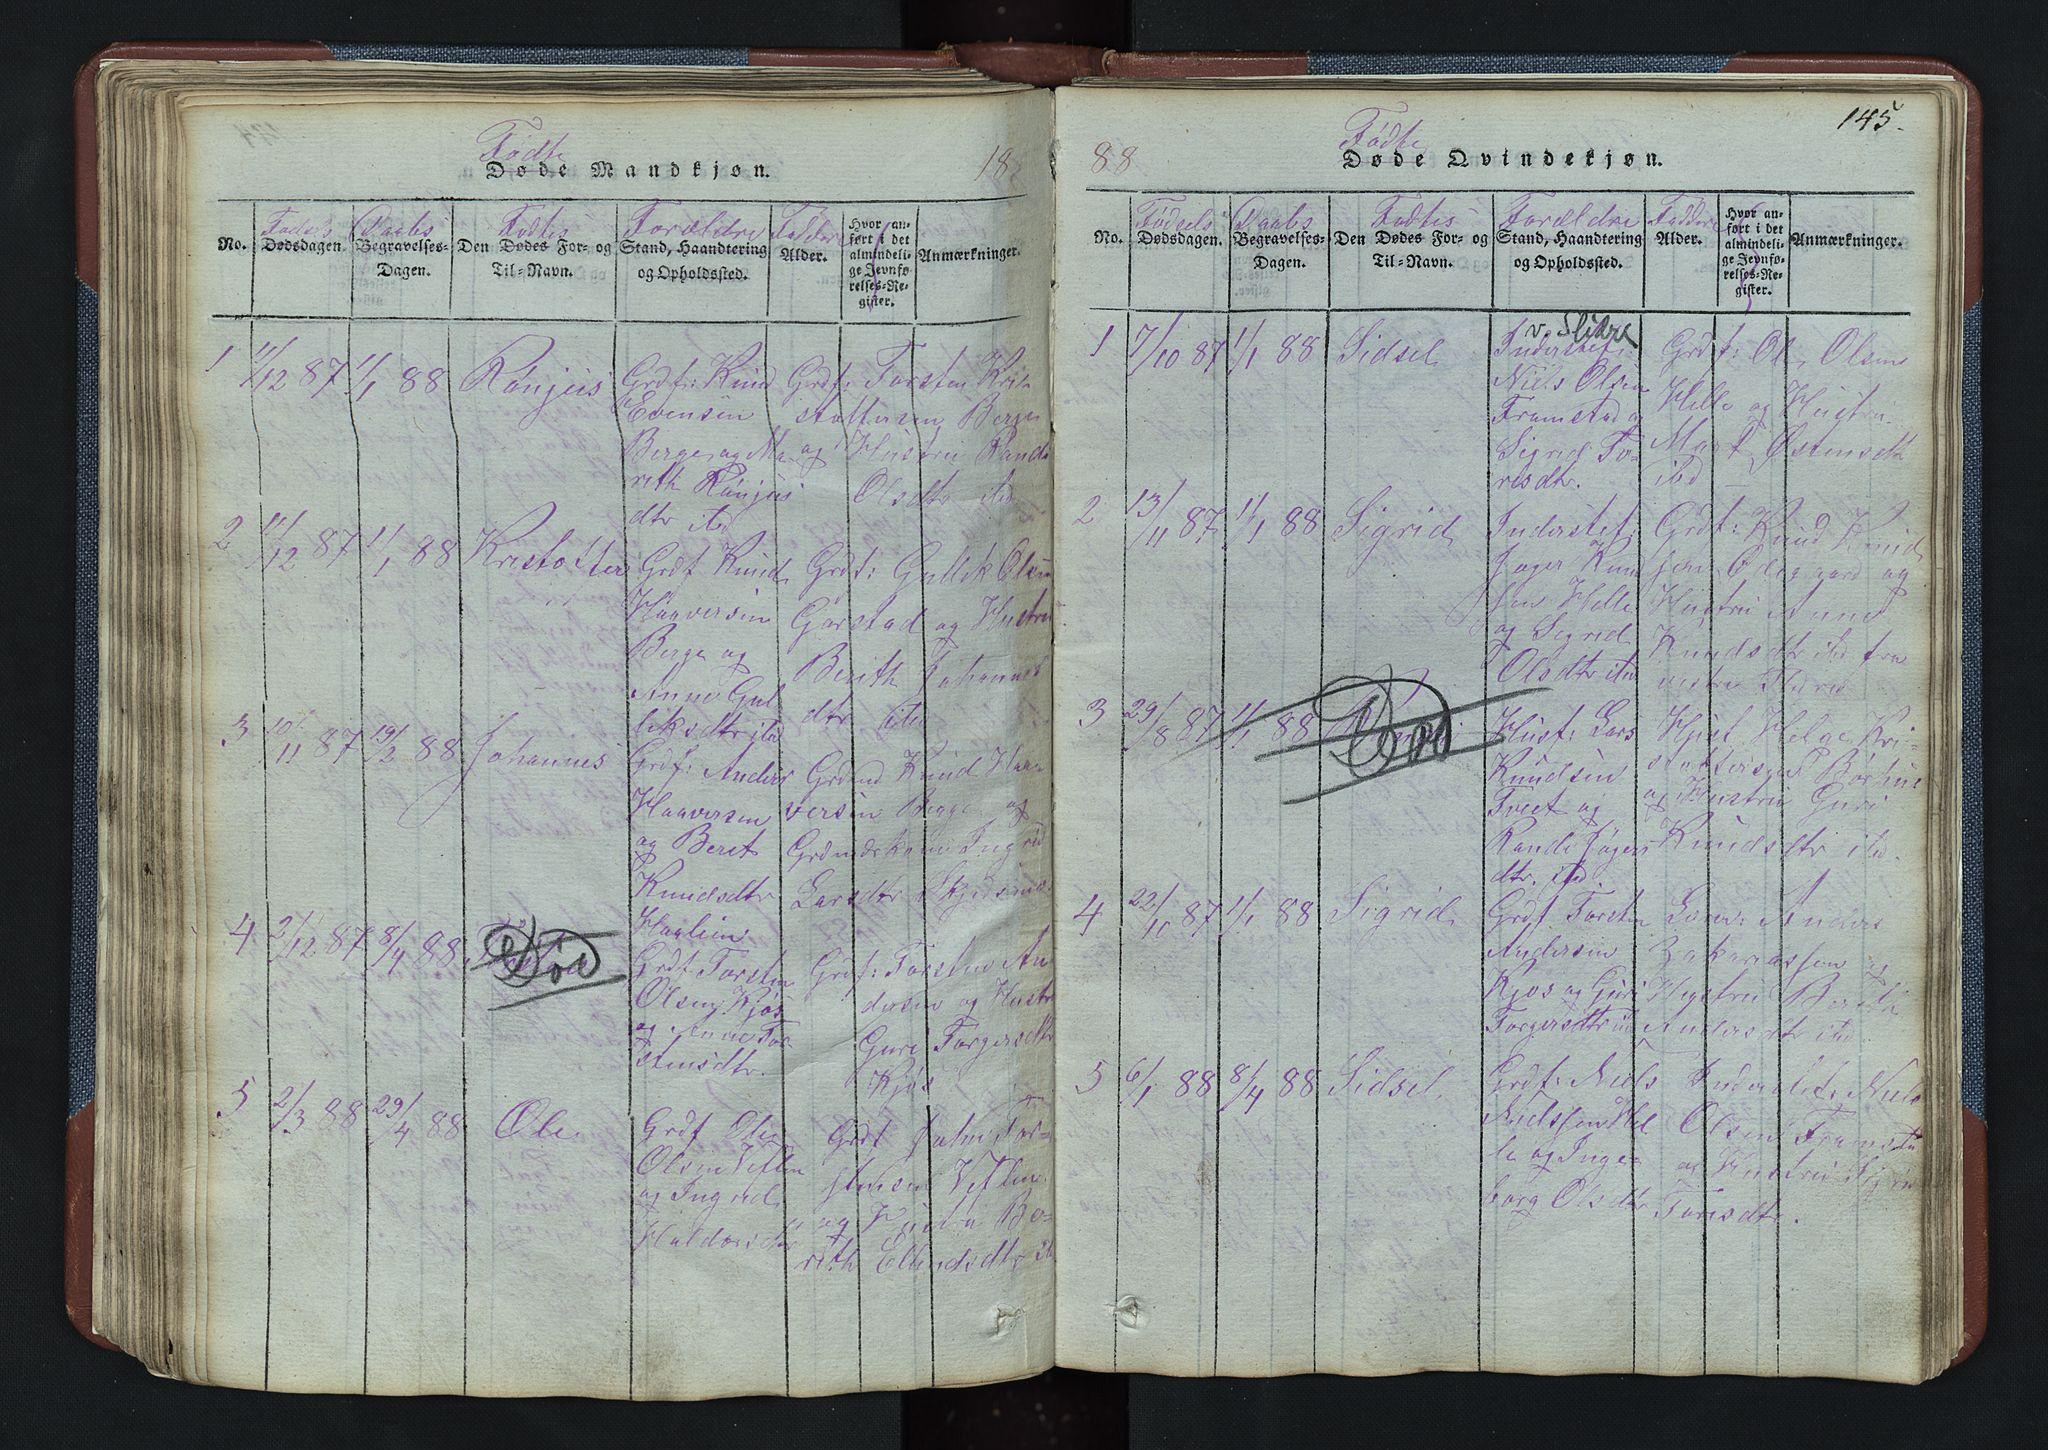 SAH, Vang prestekontor, Valdres, Klokkerbok nr. 3, 1814-1892, s. 145